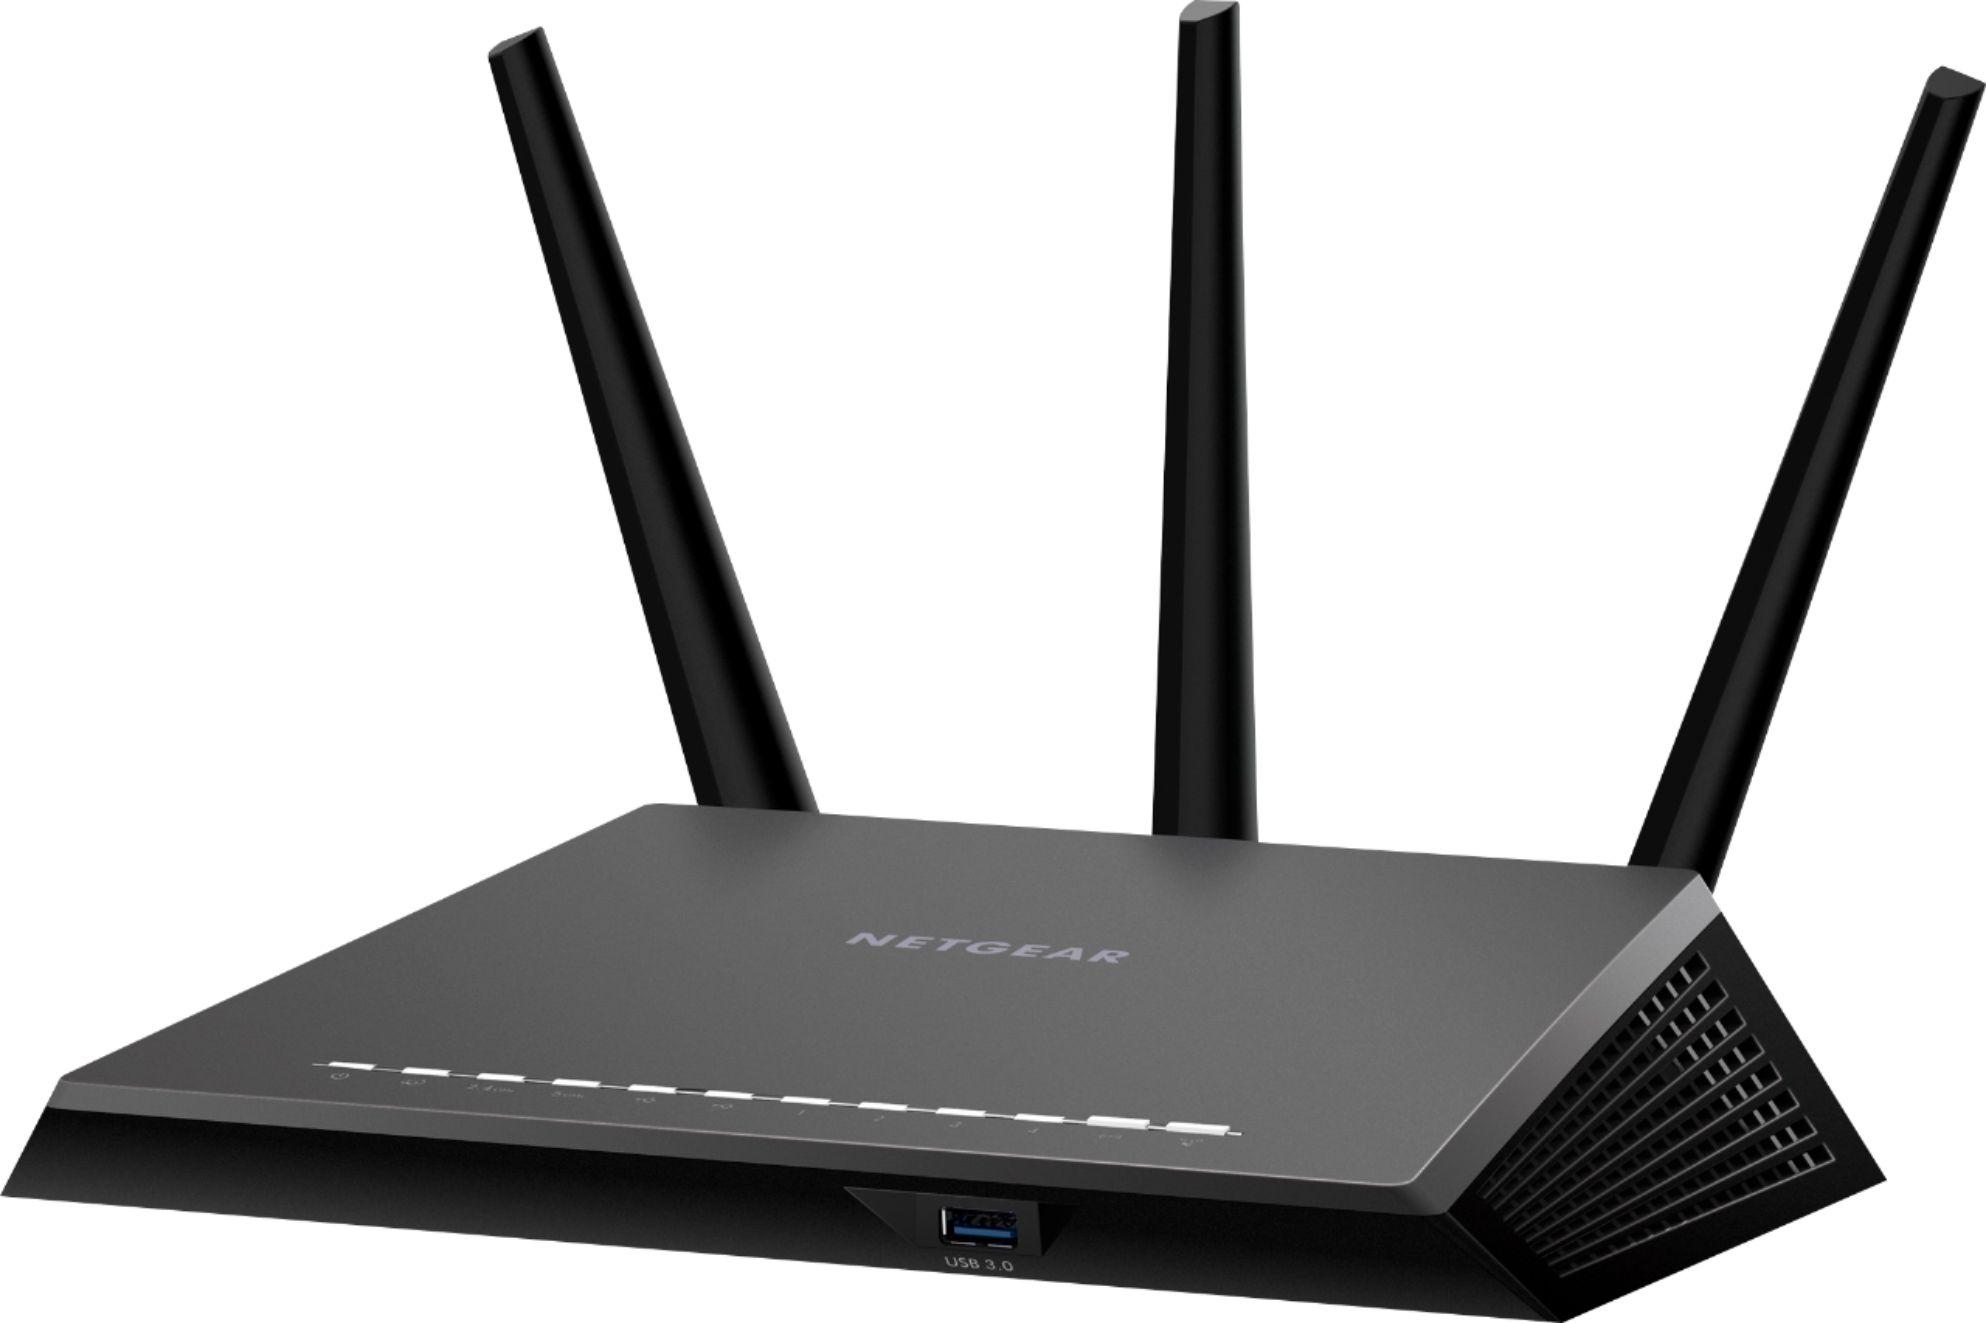 NETGEAR - Nighthawk AC1900 Dual-Band Wi-Fi Router - Black